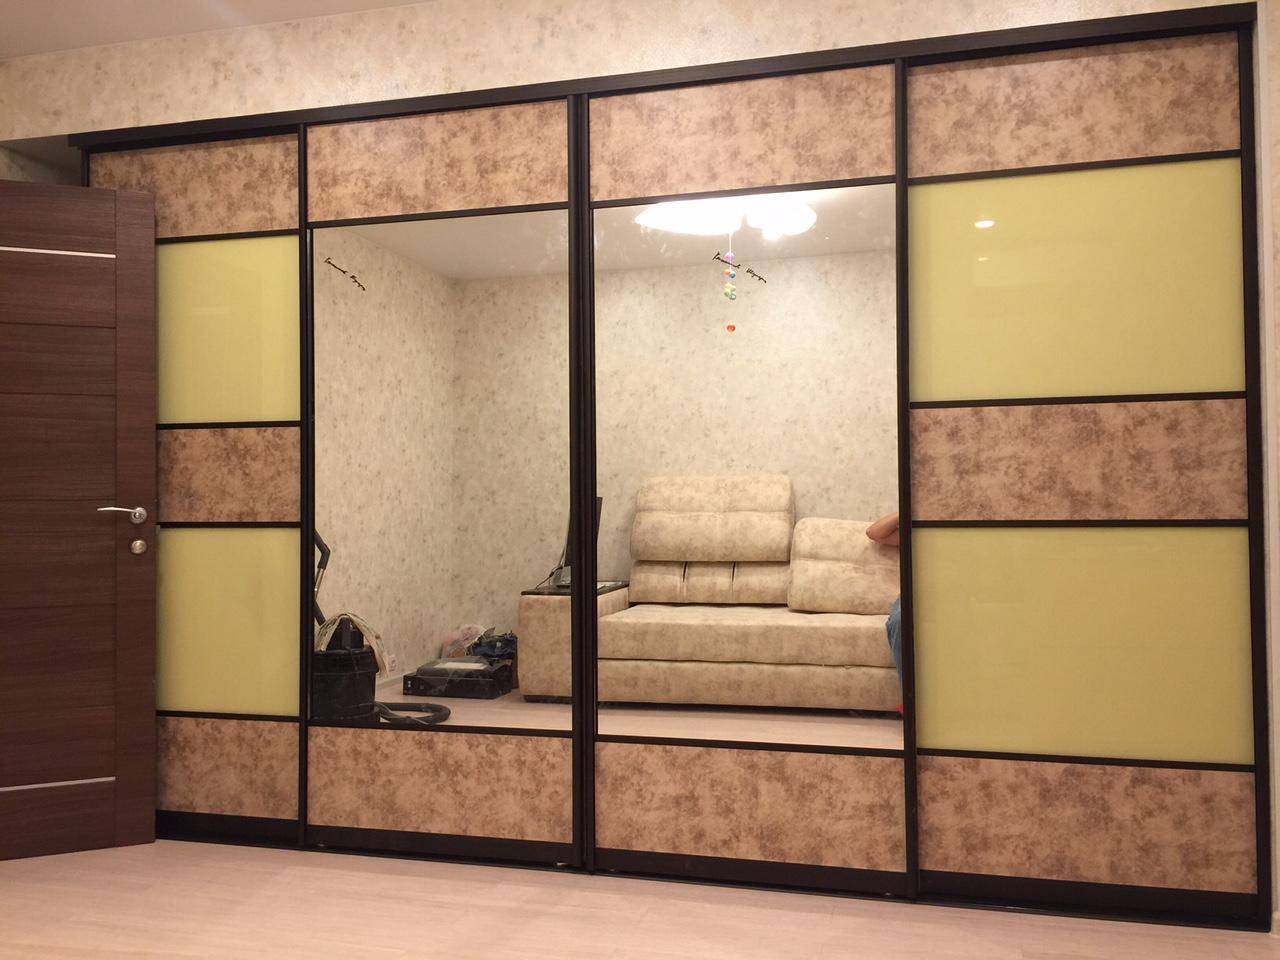 встроенный шкаф-купе со вставками из кожи и стекла